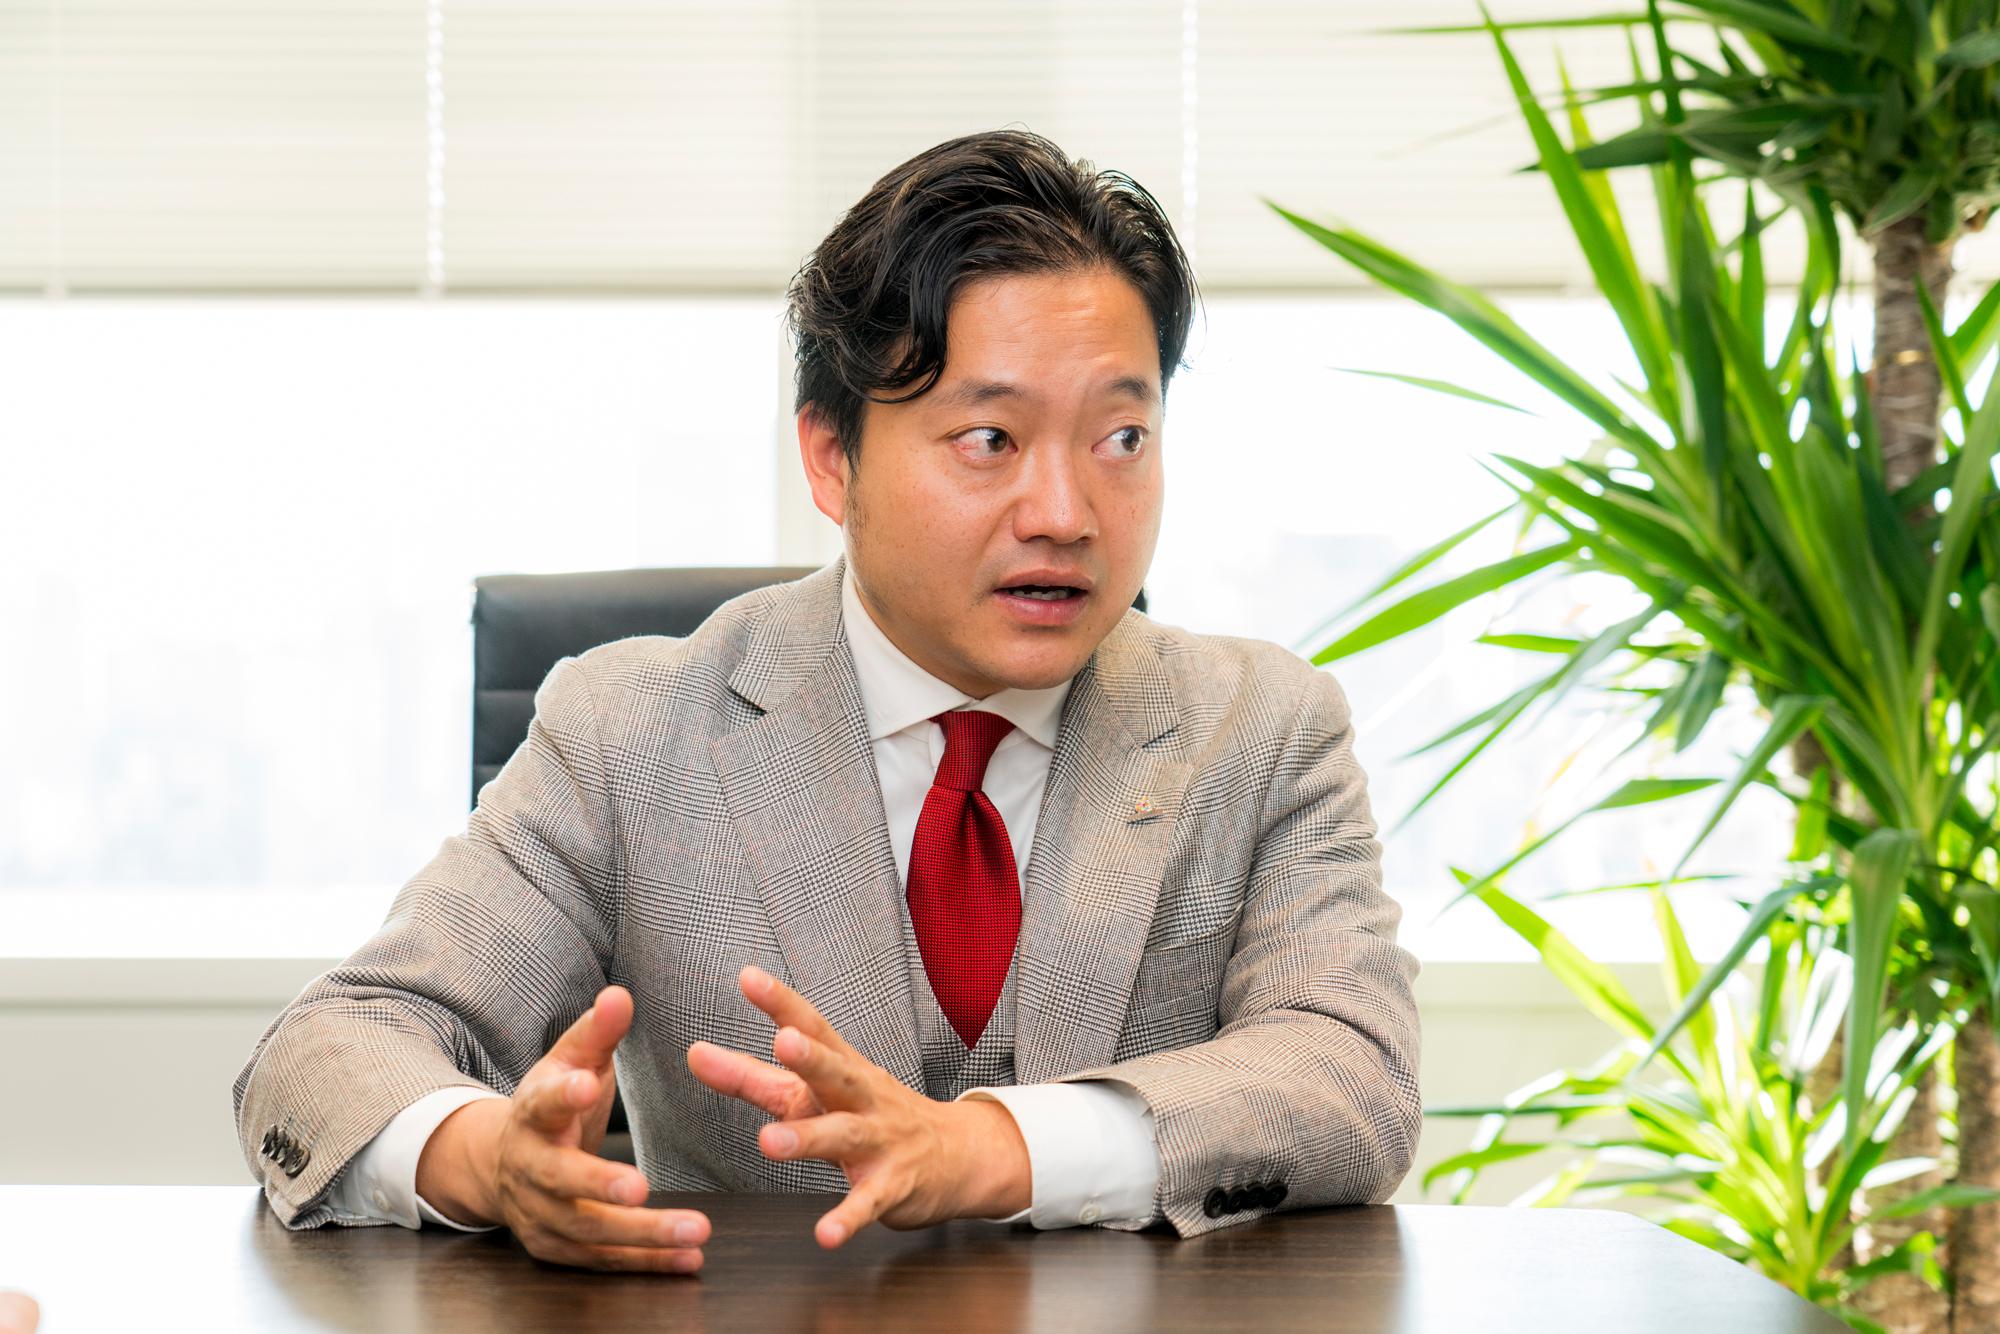 株式会社エボラブルアジア 吉村英毅 代表取締役CEO 画像-1